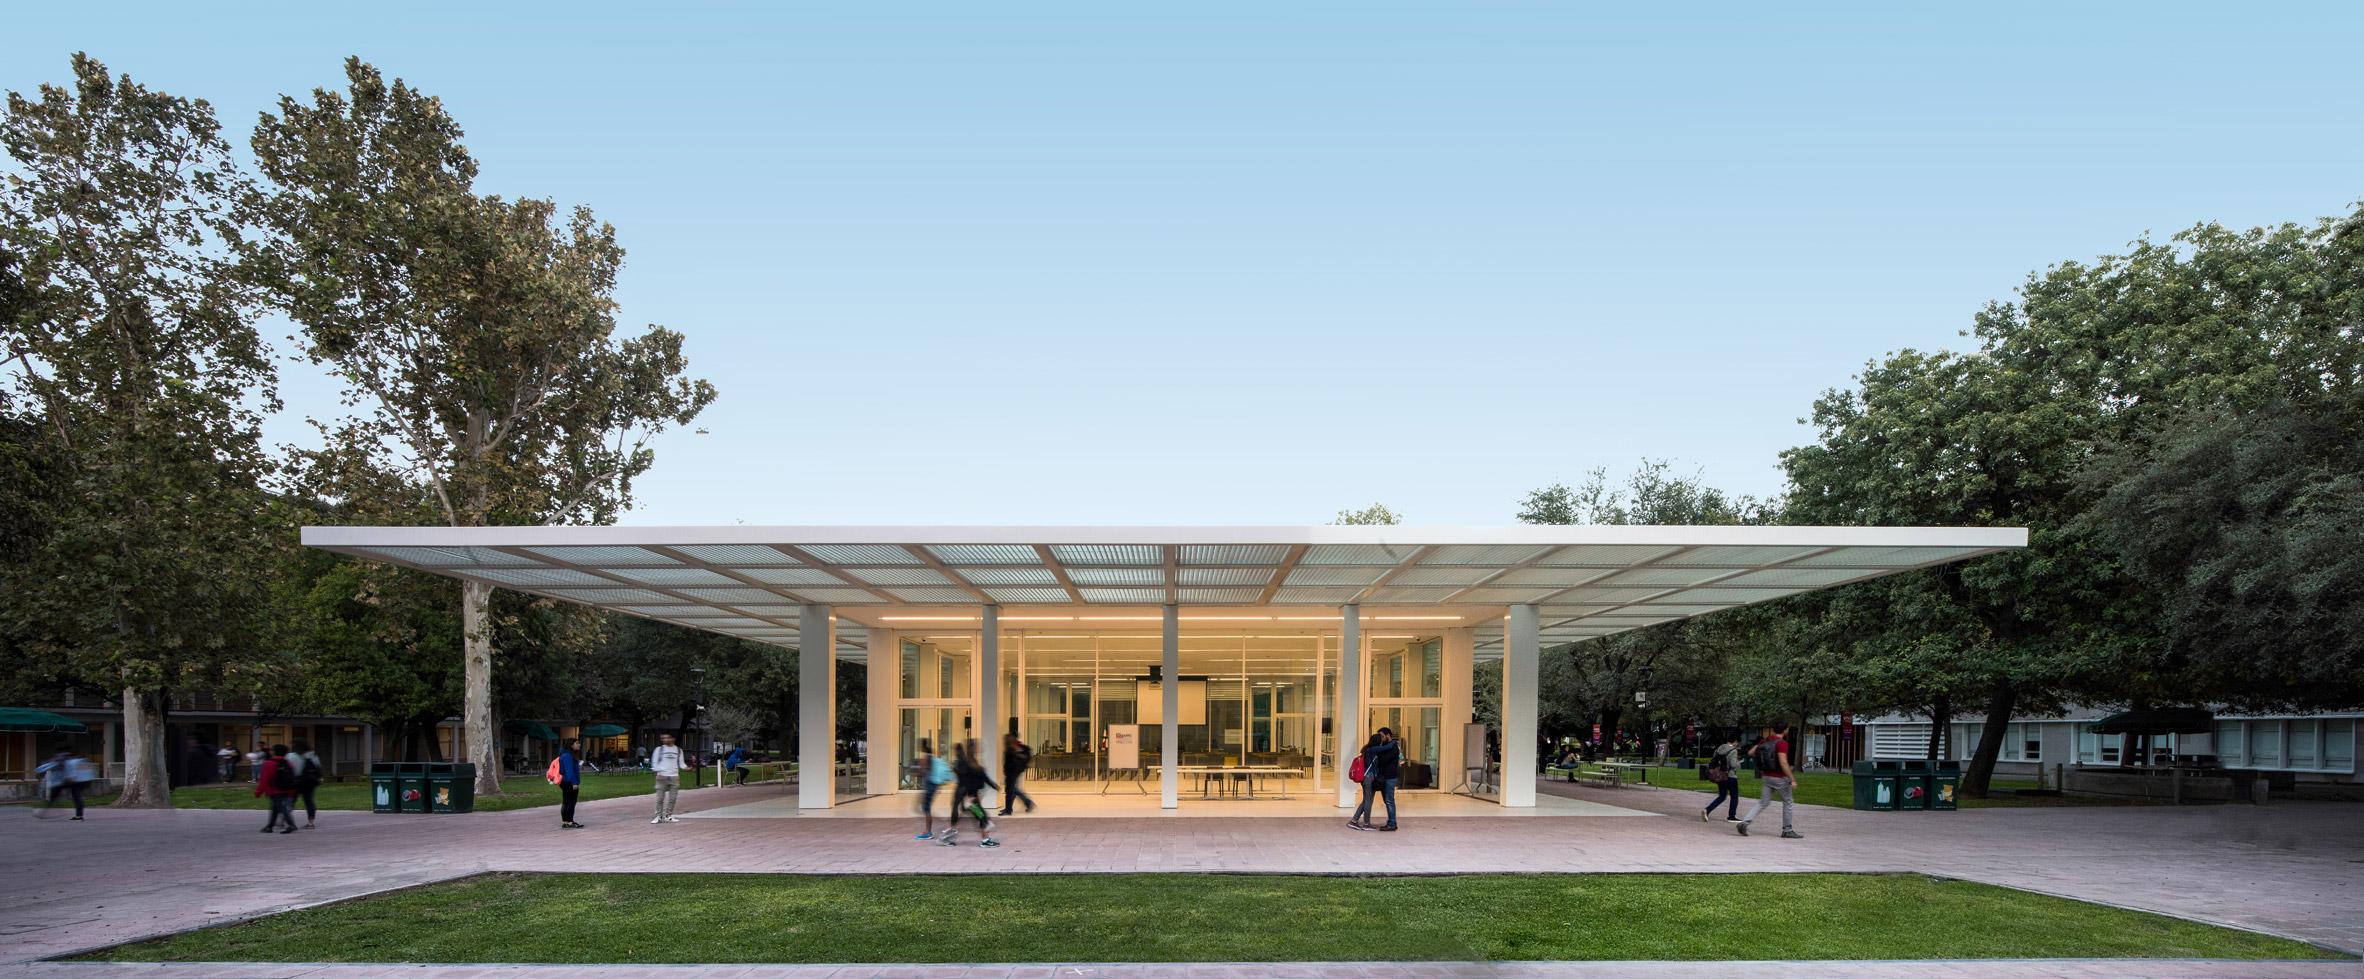 Monterrey Tec library and pavilion by Sasaki